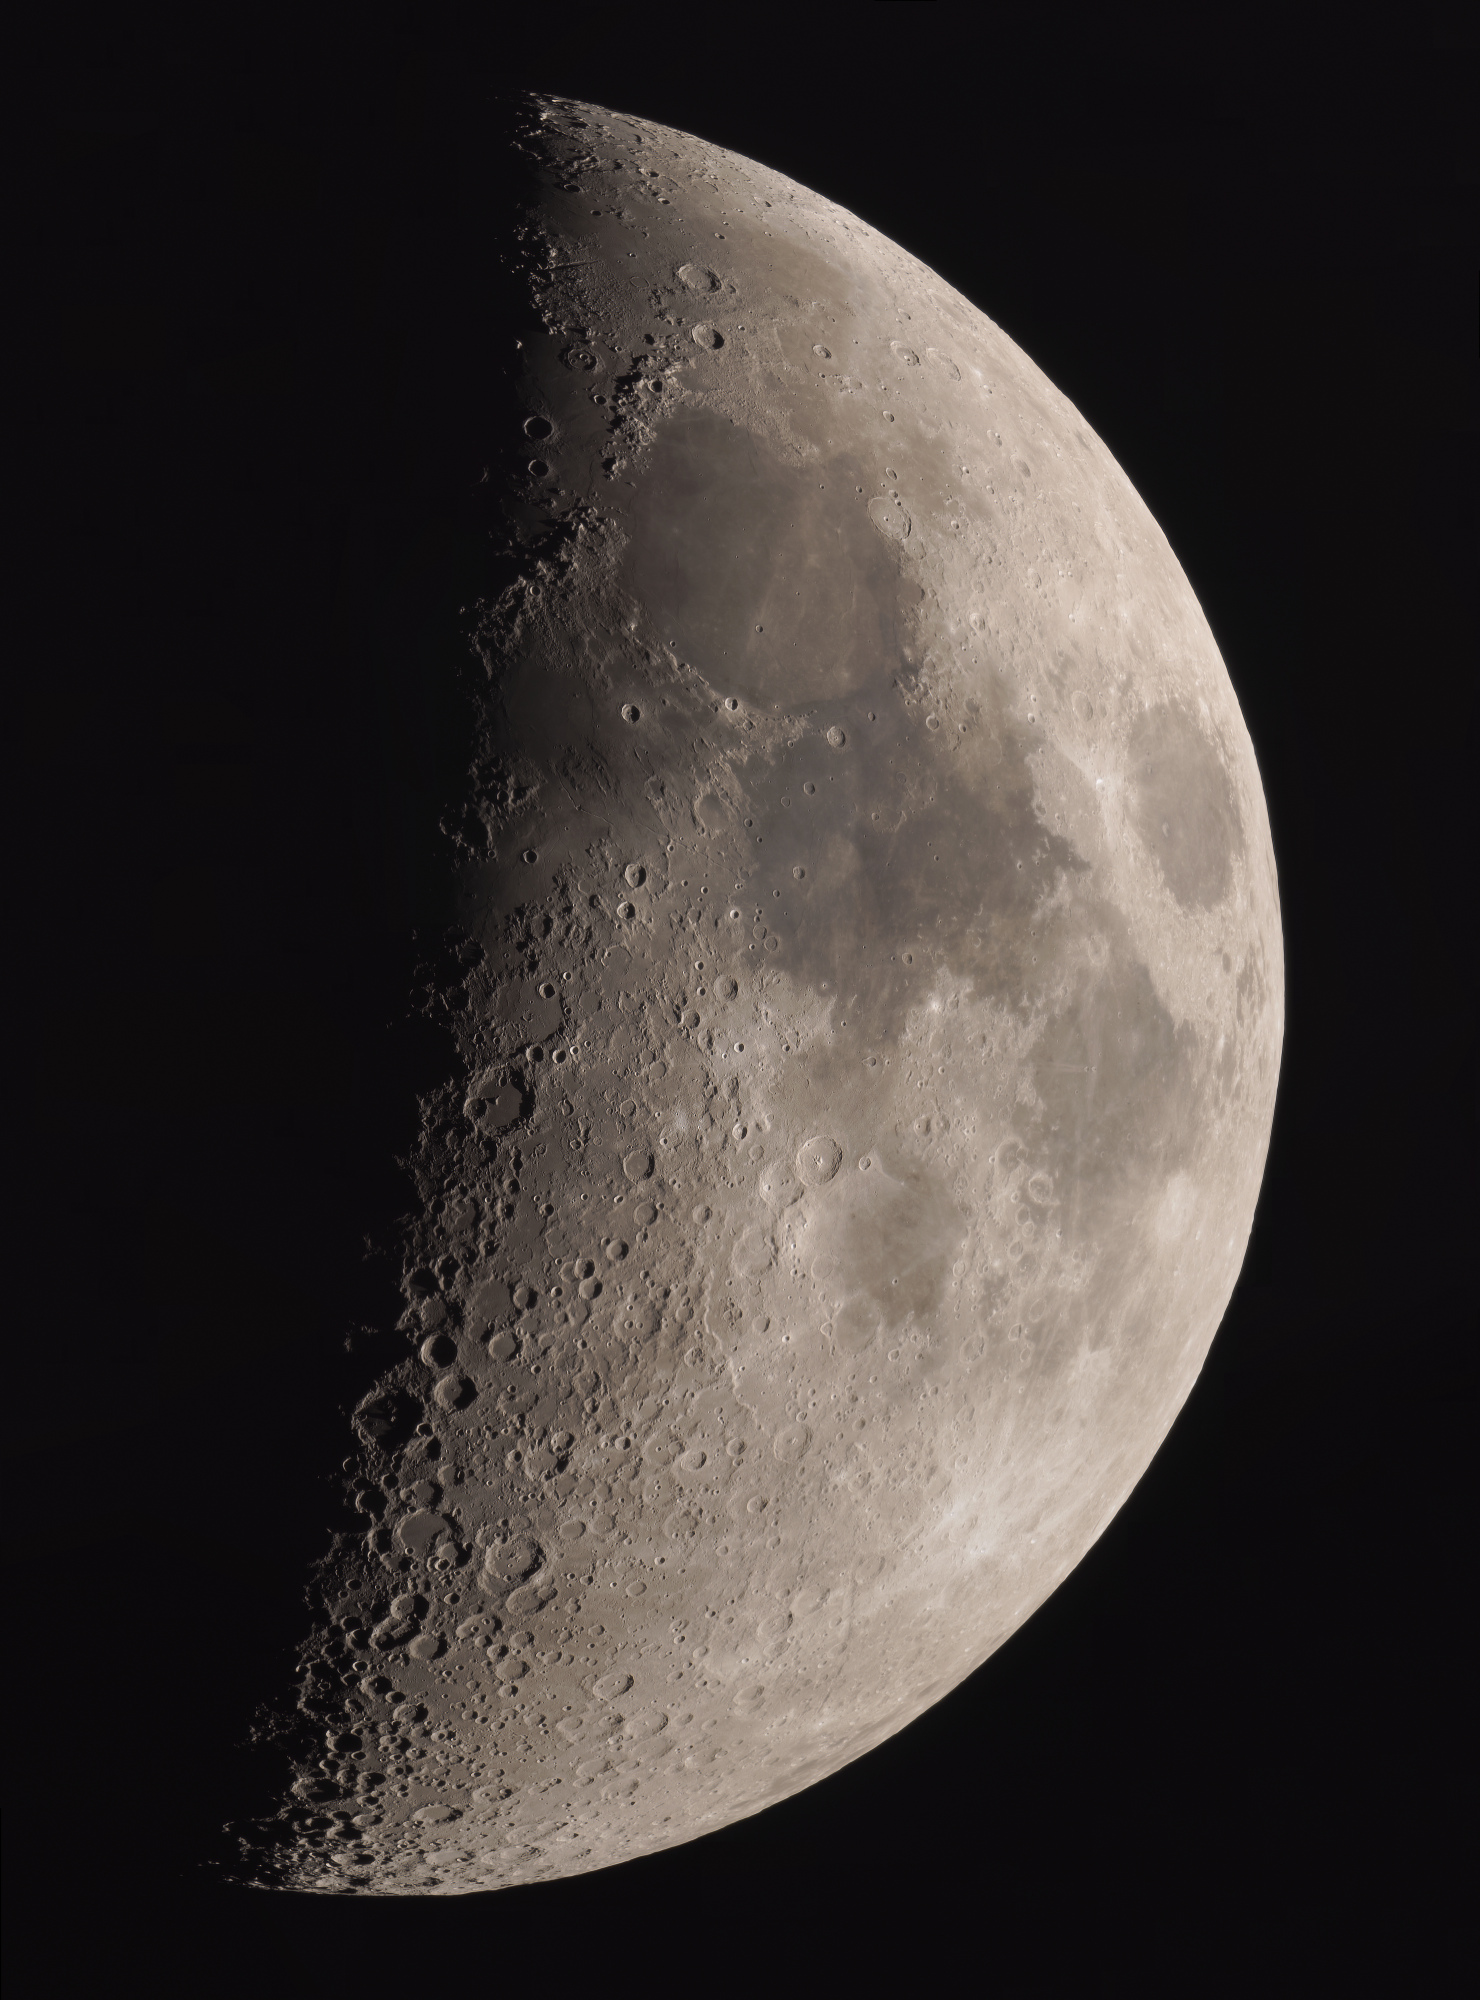 5ed810819f0c7_lune290520(T250-B2x-A7s-100).thumb.jpg.46a7dfb19b3dfc4e5fcdeec1019fdfce.jpg